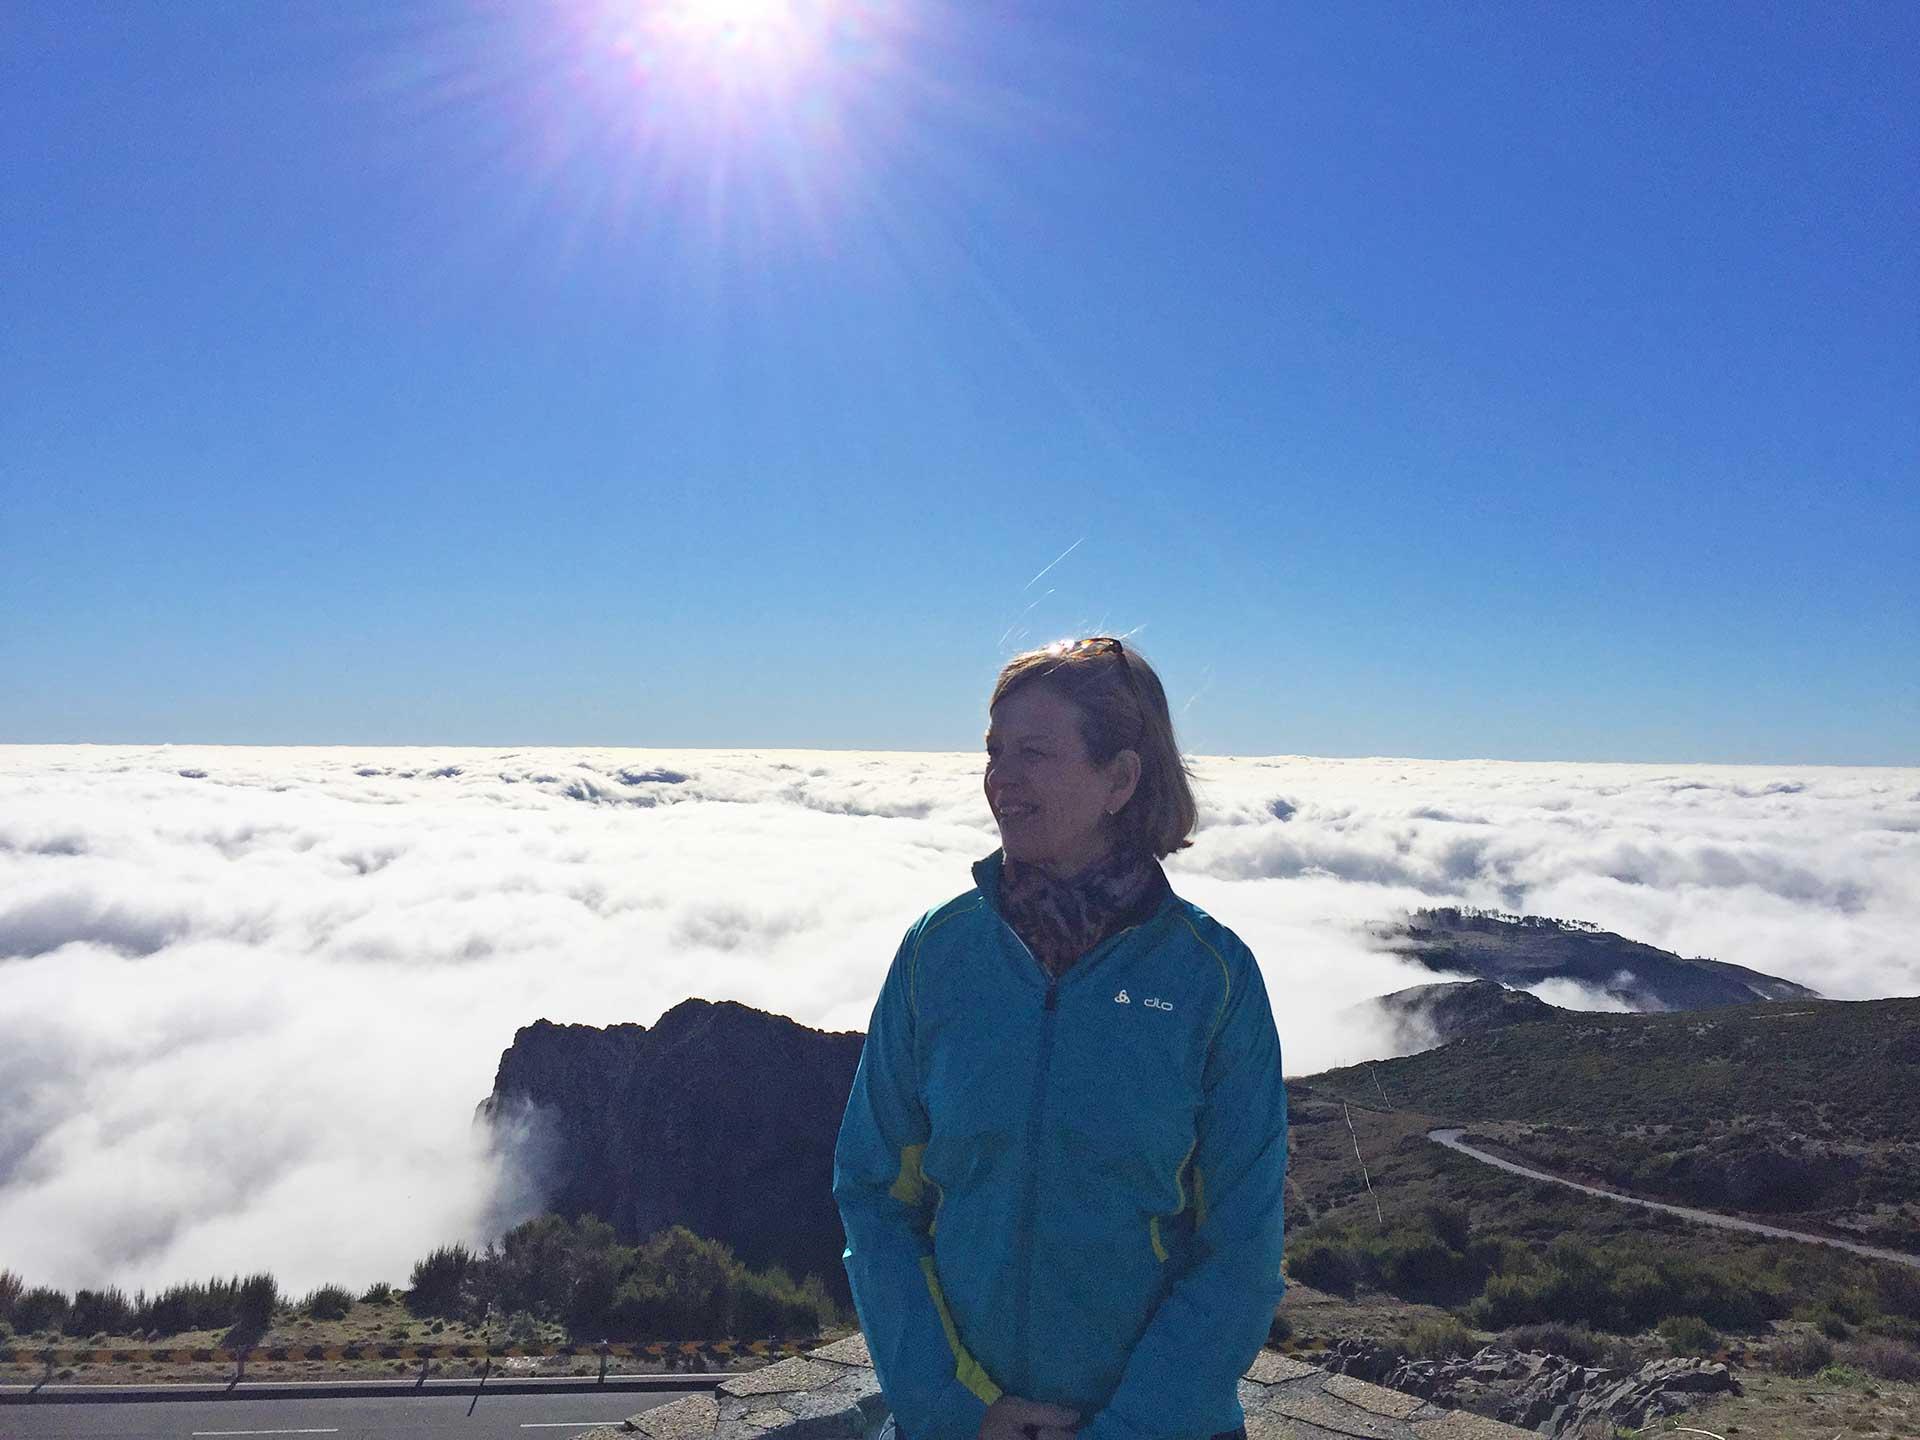 Pico de Ariero